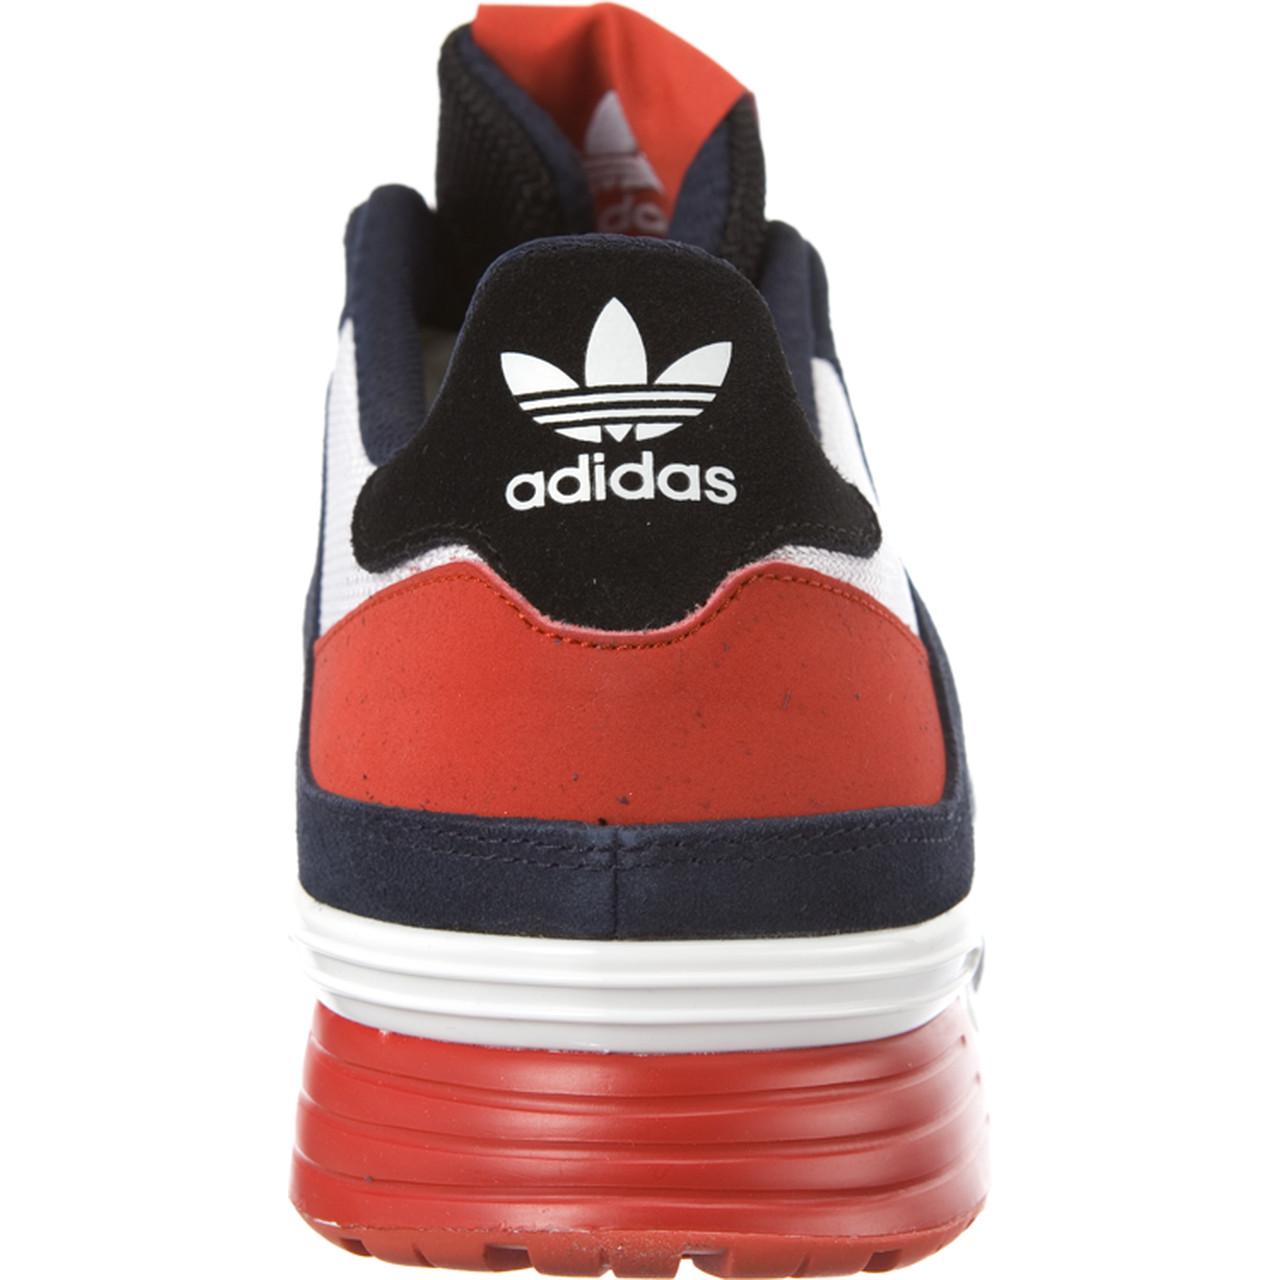 a7da5992fa43f ... best adidas zx 630 741d67741 32b6d 0d179